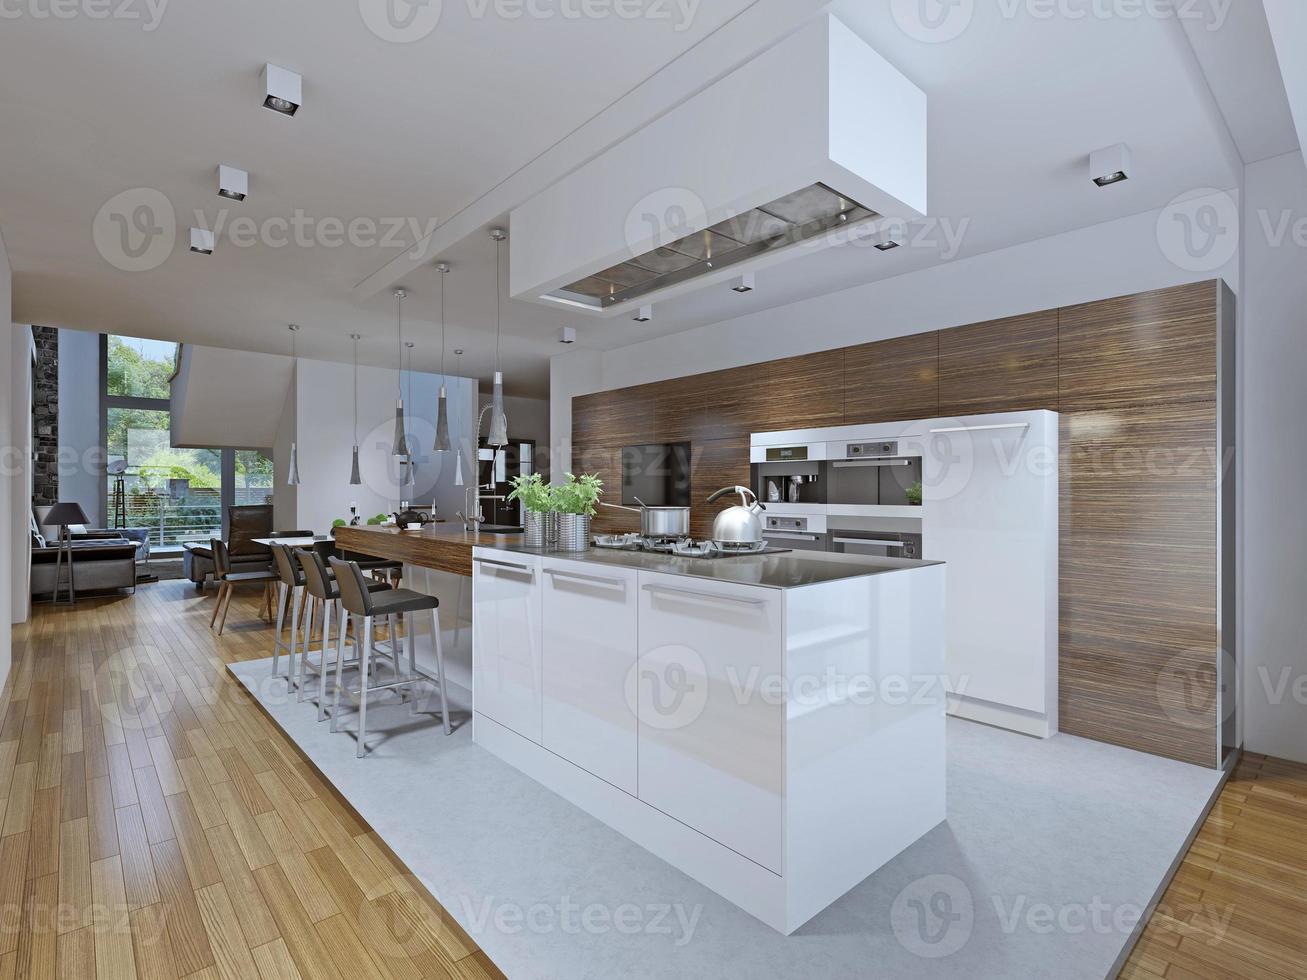 Küche-Esszimmer im modernen Stil foto